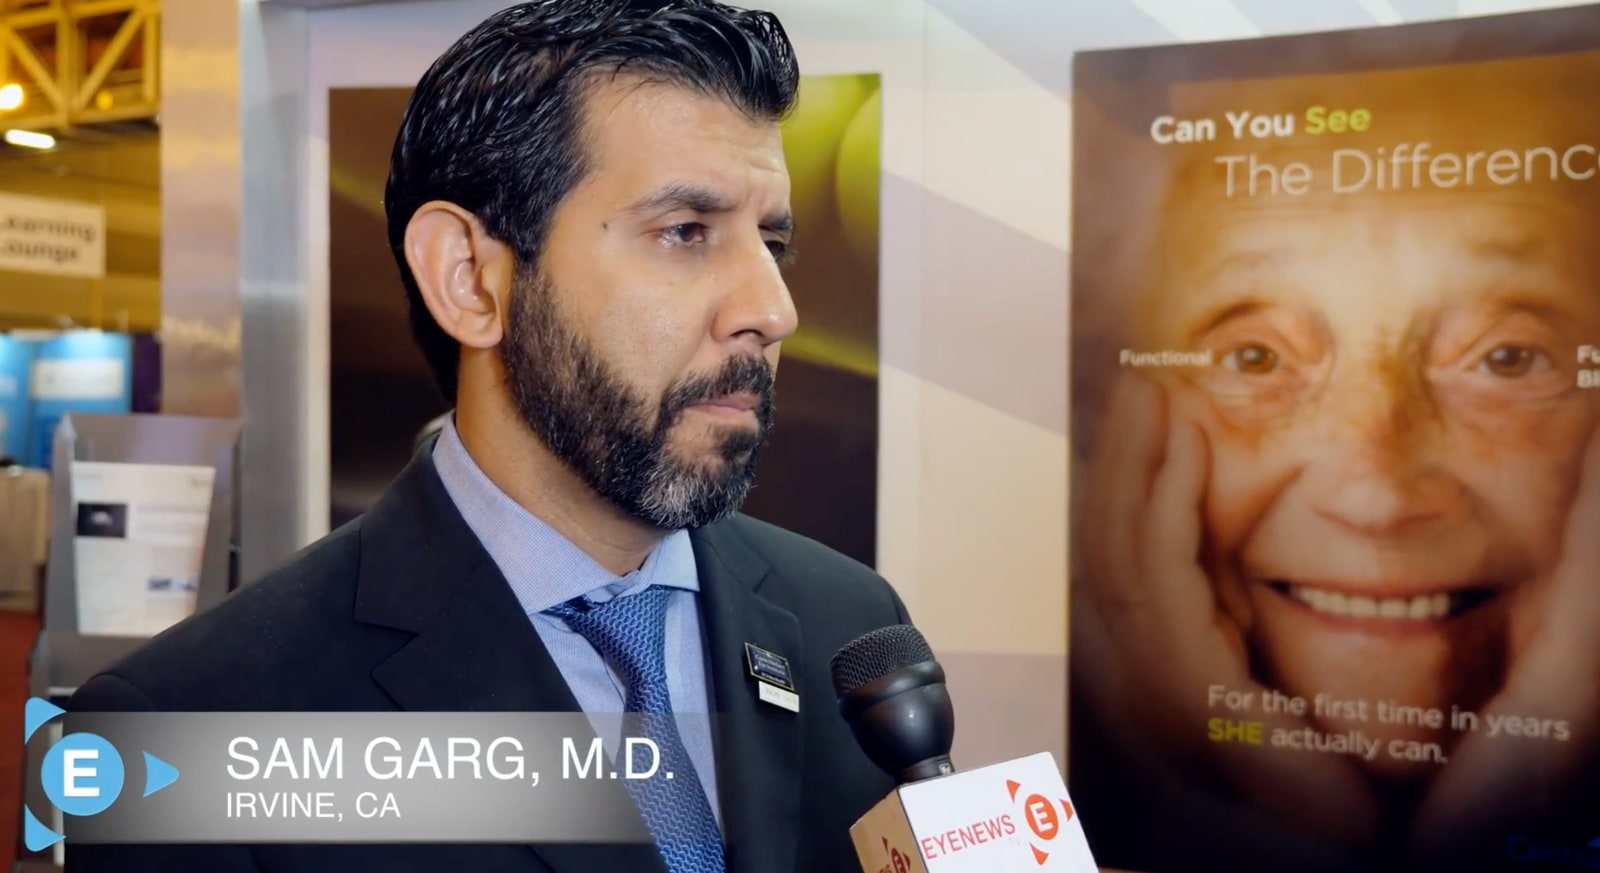 Dr. Sam Garg, M.D., Shares Two Patient Success Stories